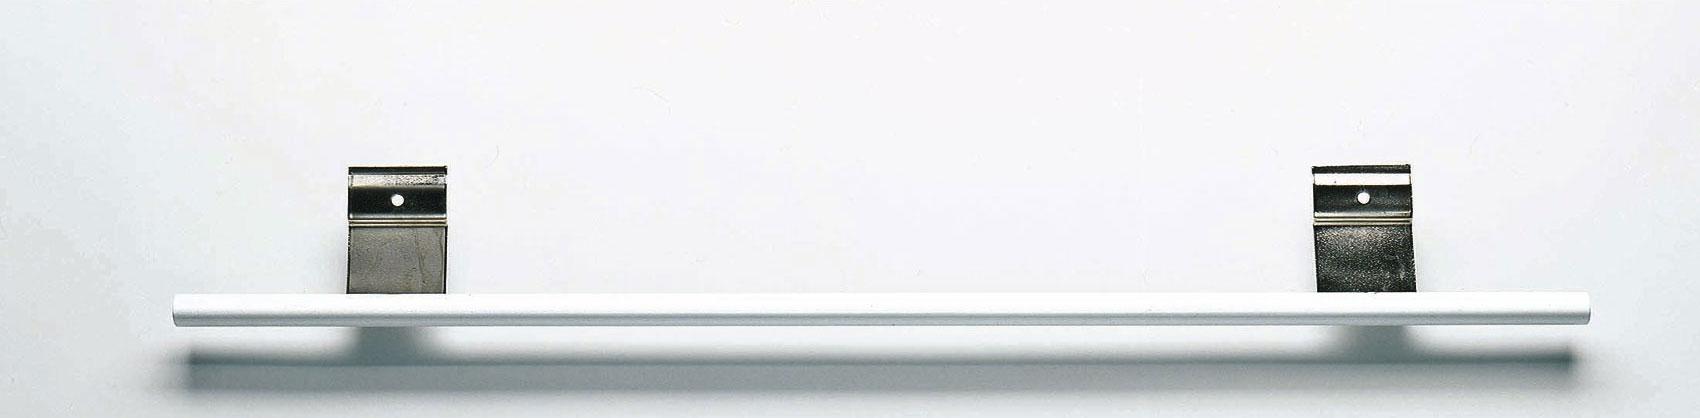 Herdstange für Wamsler Küchenherd K170/K178 weiß 1150mm Bild 1